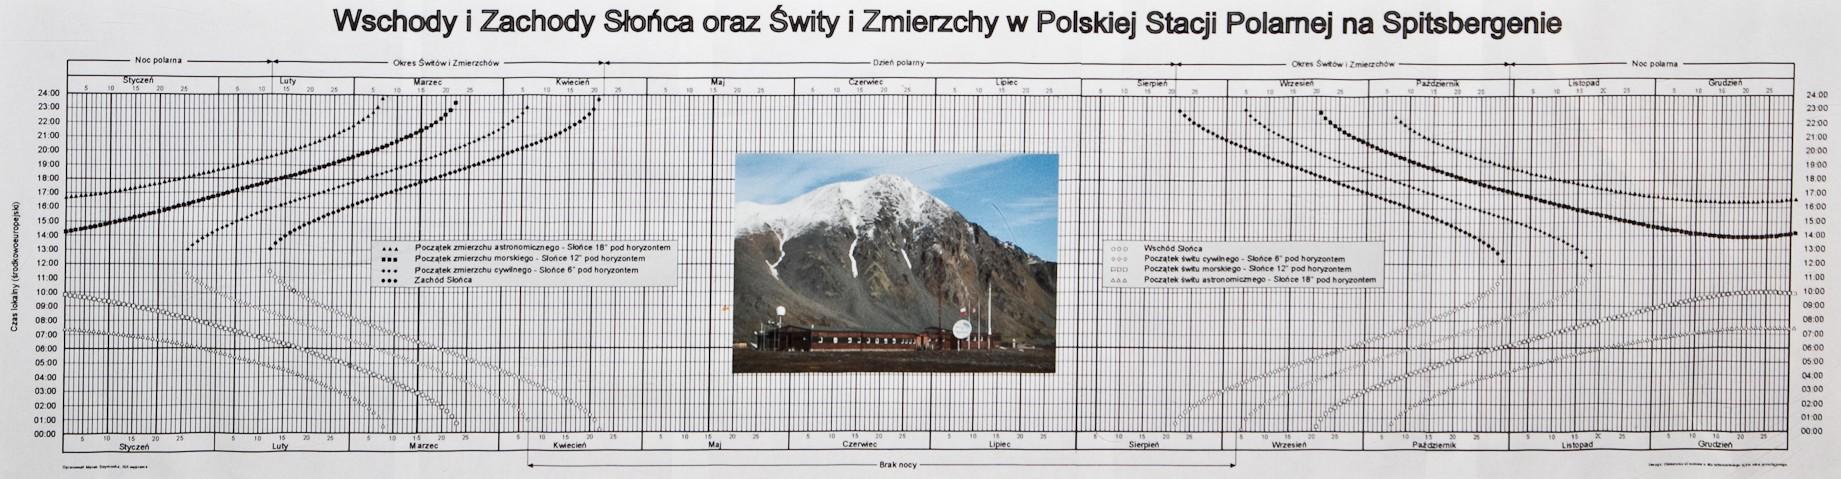 Wschody z zachody Słońca oraz zmierzchy i świty w Polskiej Stacji Polarnej